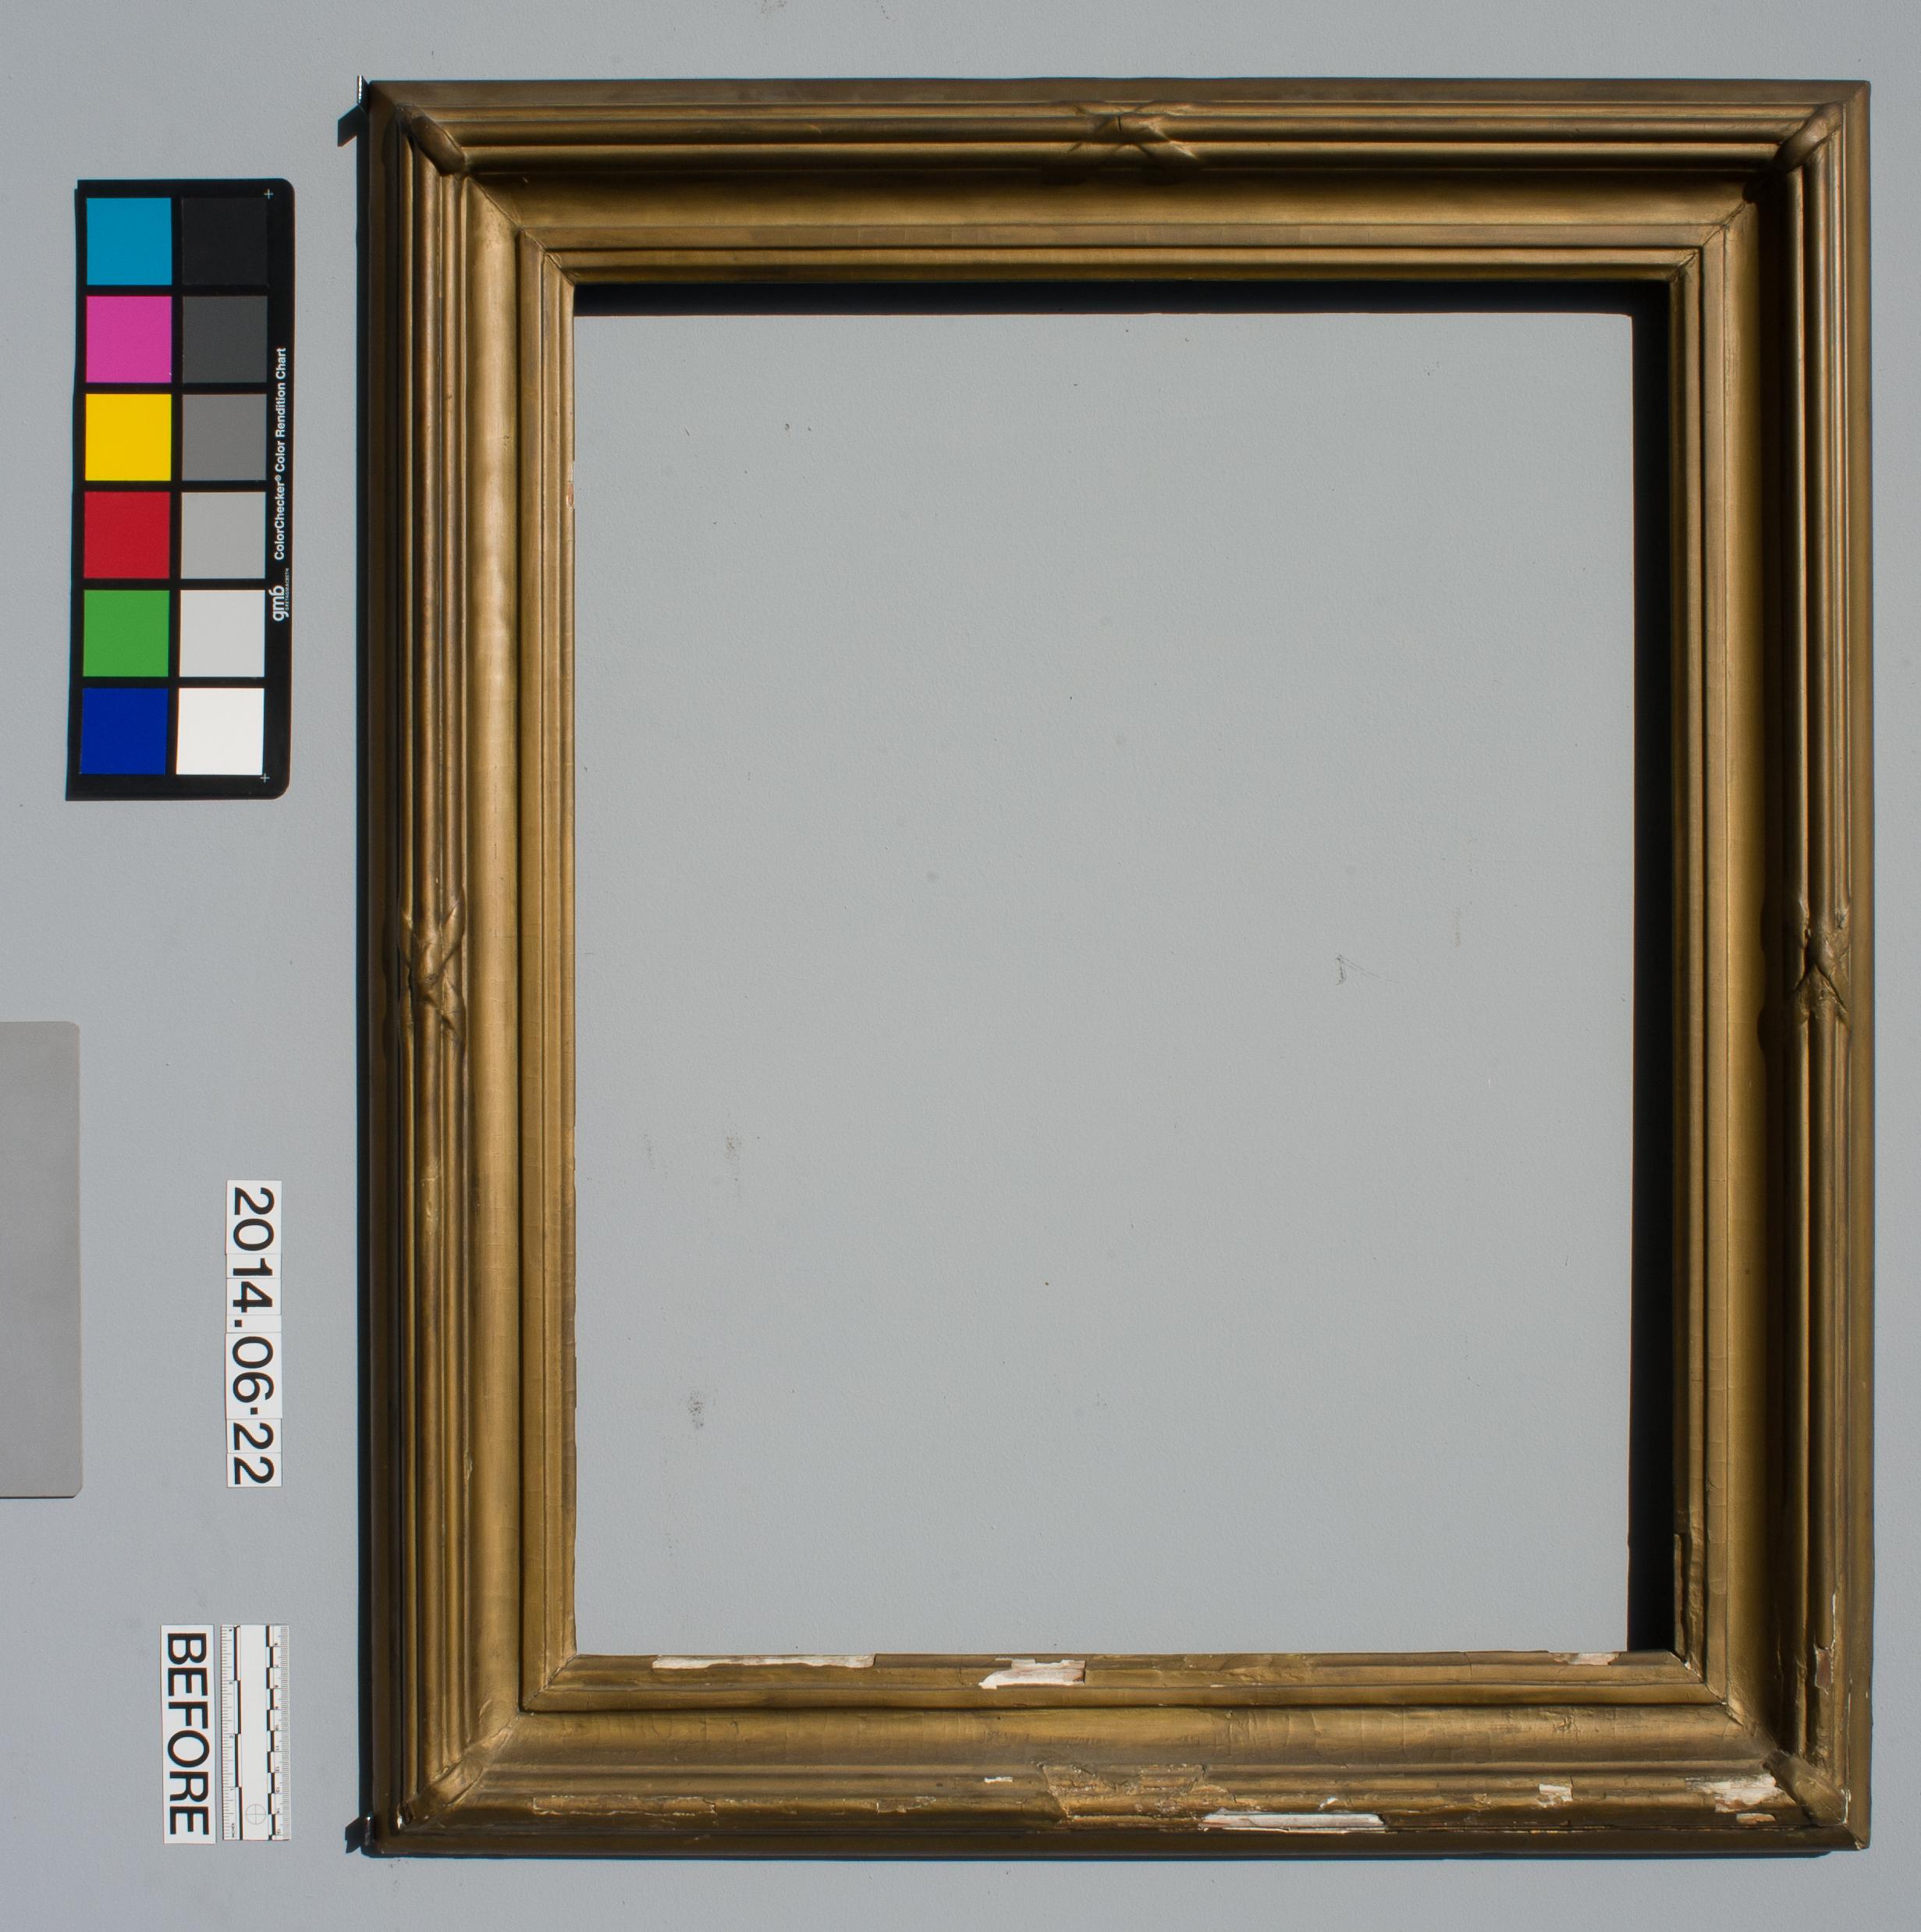 Labadie_Portrait-04-Before-frame